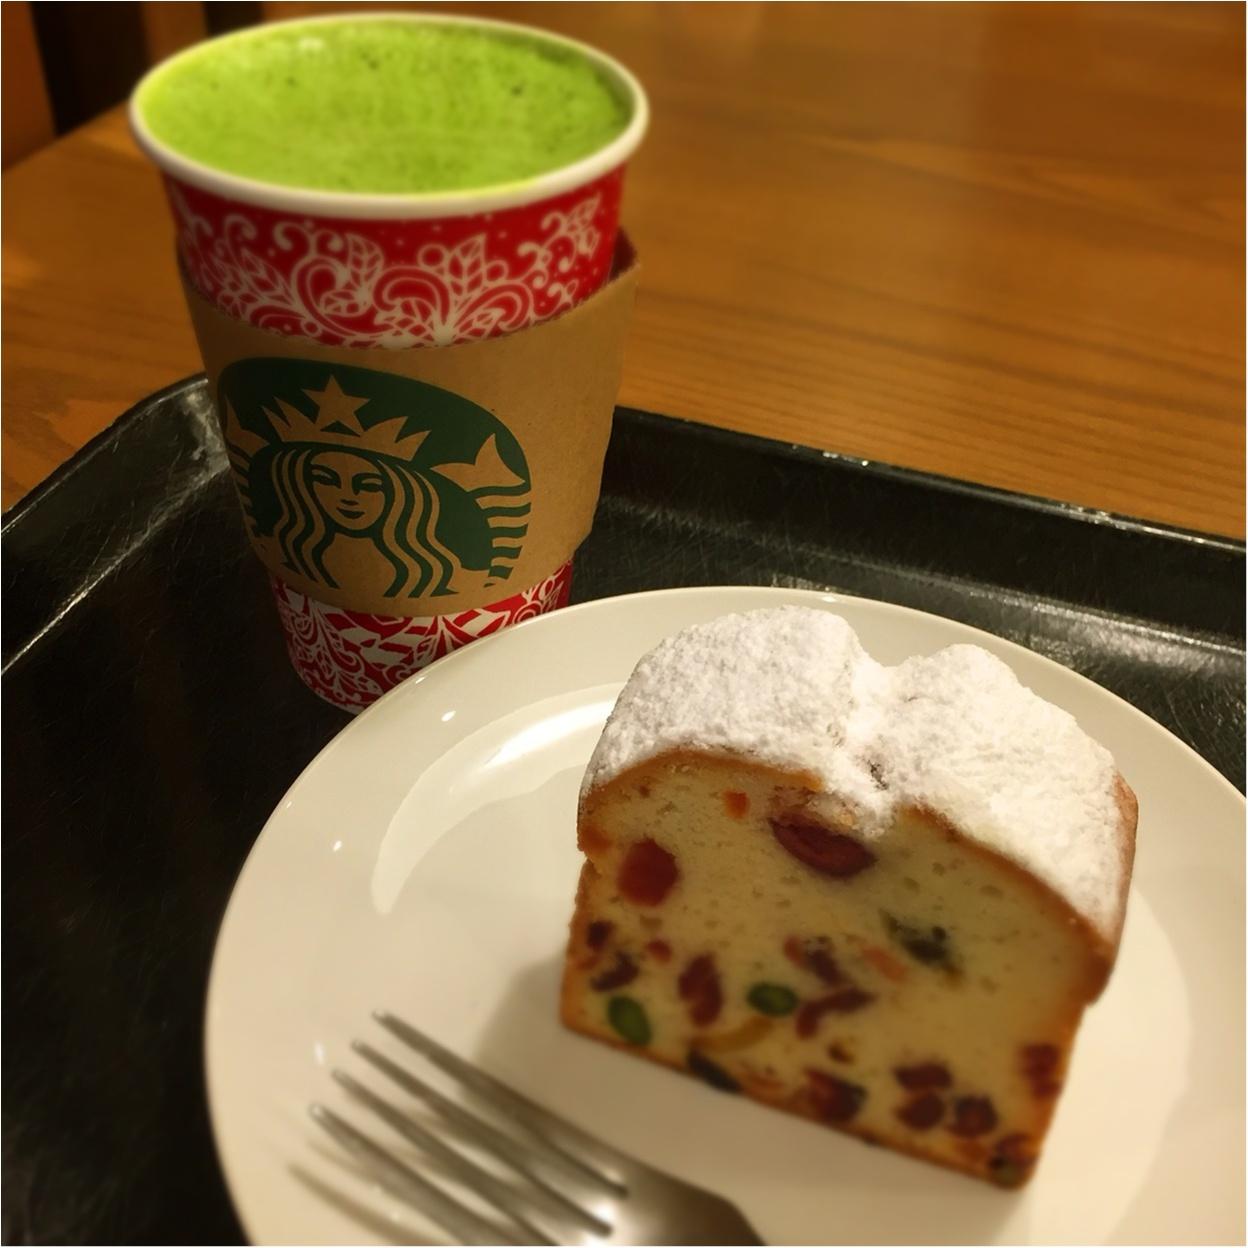 【*スタバでクリスマス*】を満喫するなら♪♪伝統的なお菓子と和のコラボを味わいたい♡_2